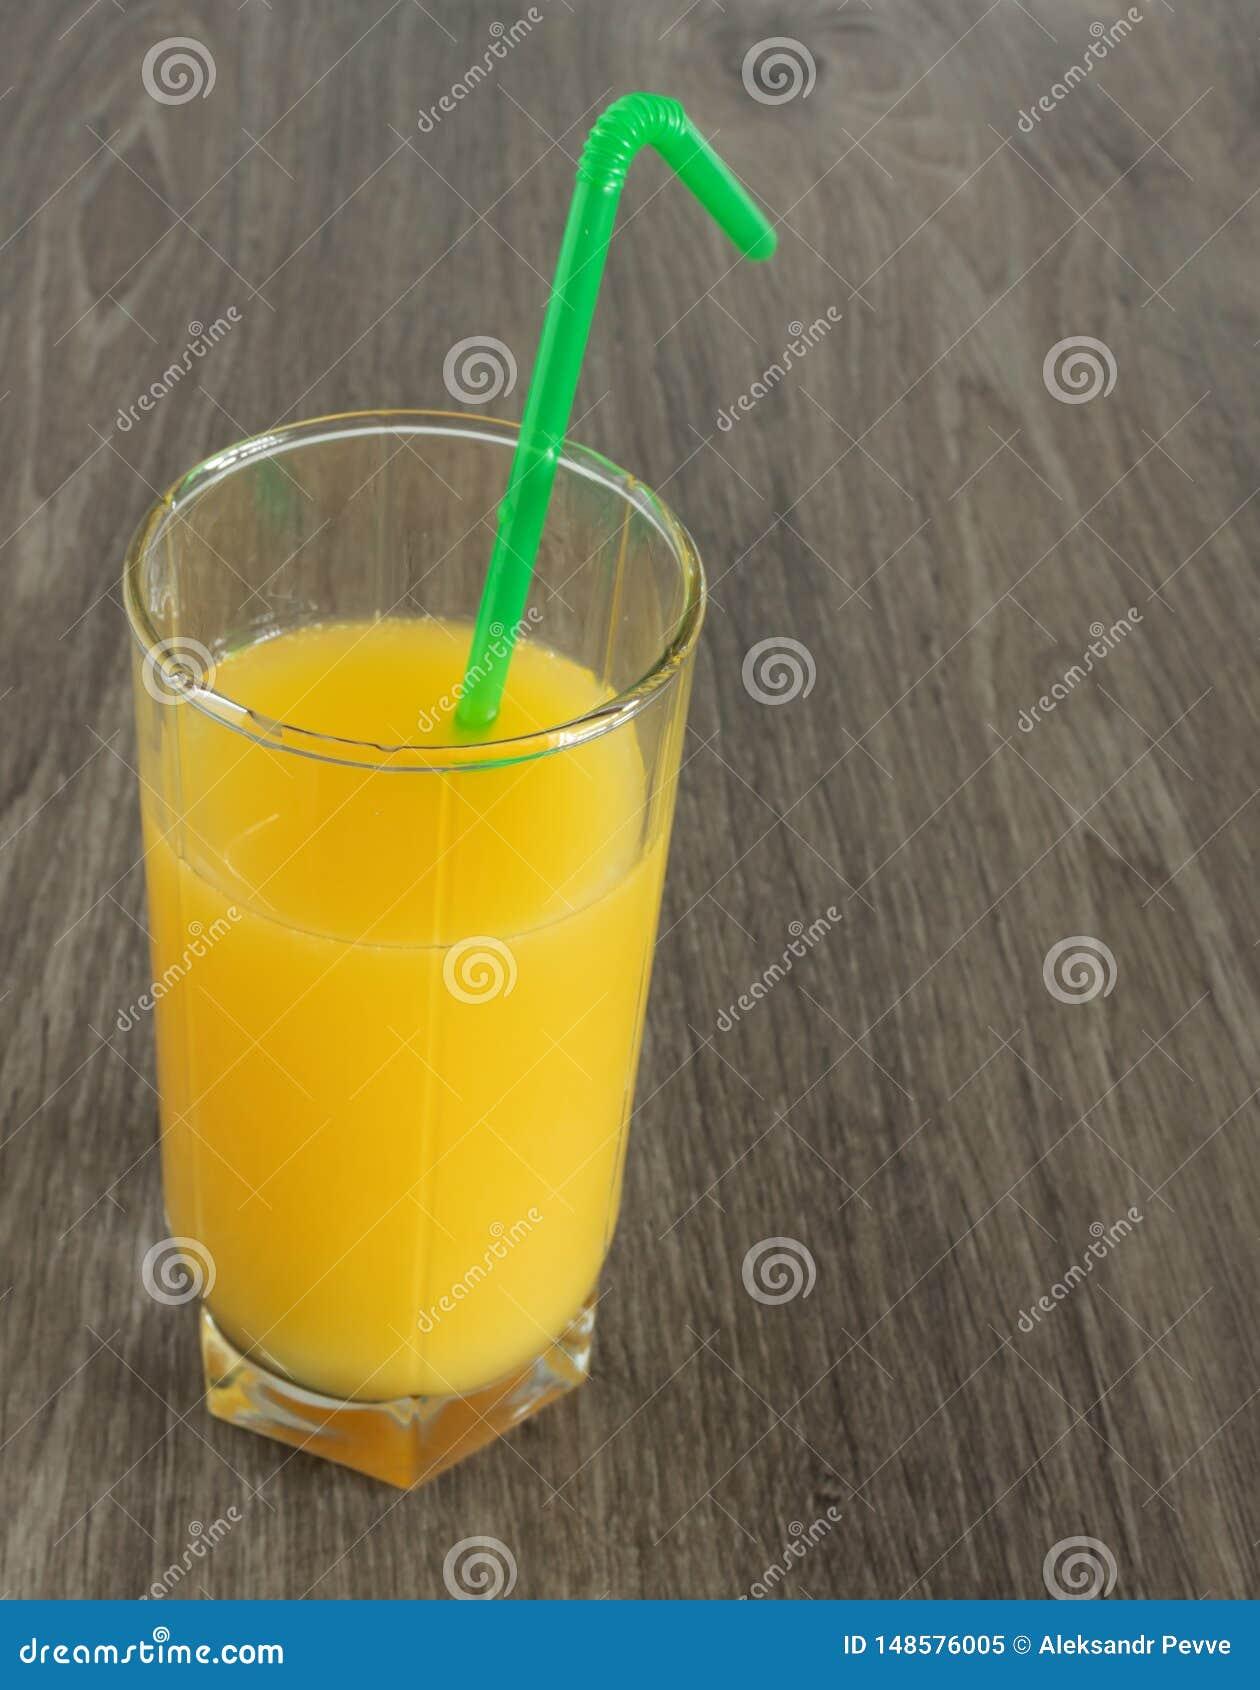 Ένα ποτήρι του χυμού από πορτοκάλι με ένα άχυρο σε ένα ξύλινο υπόβαθρο